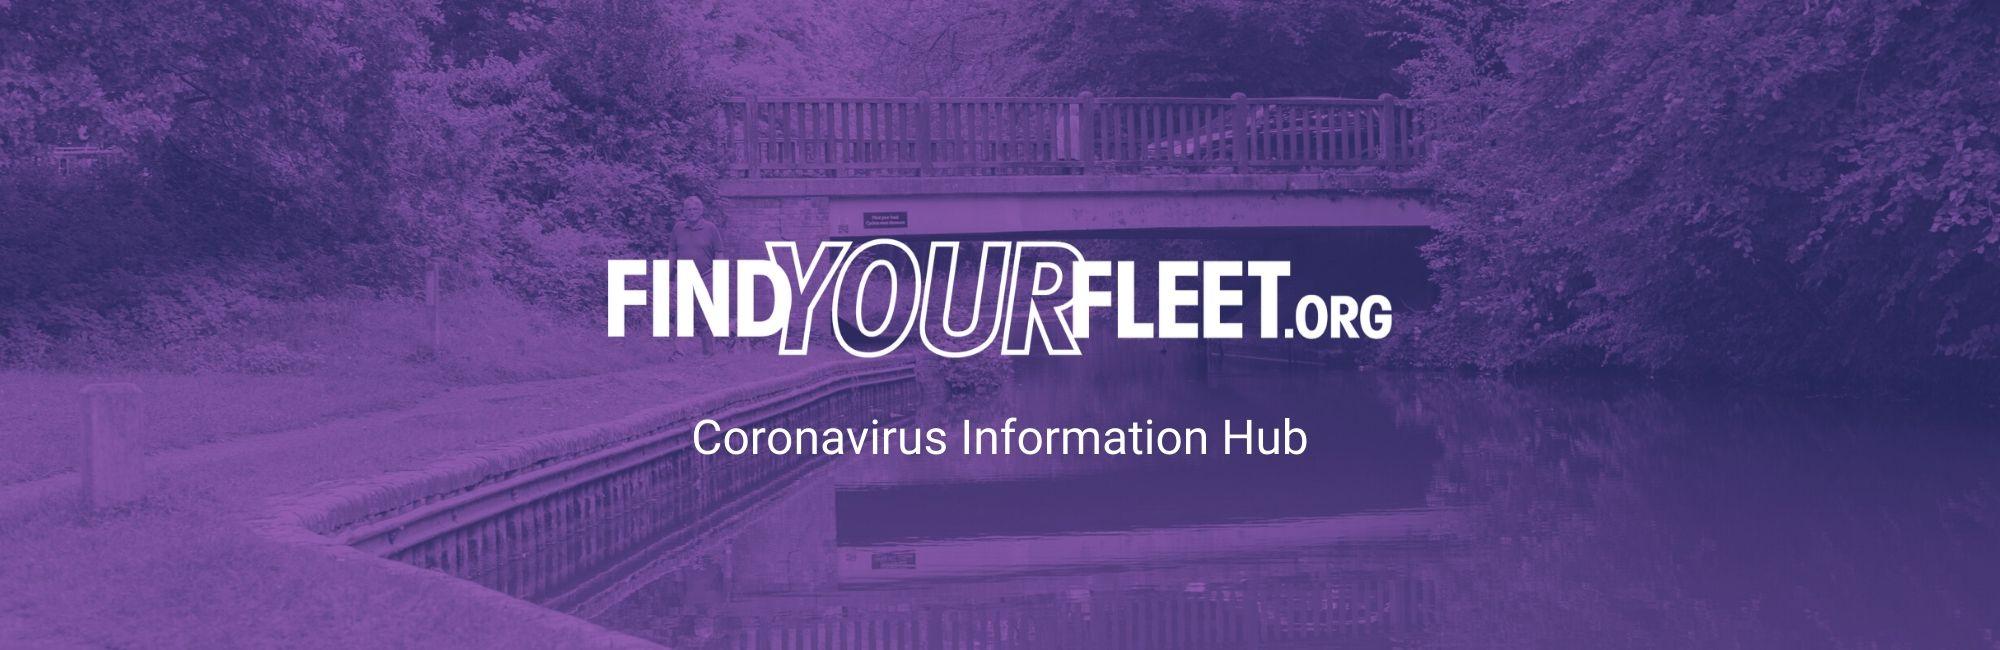 Fleet Coronavirus Information Hub